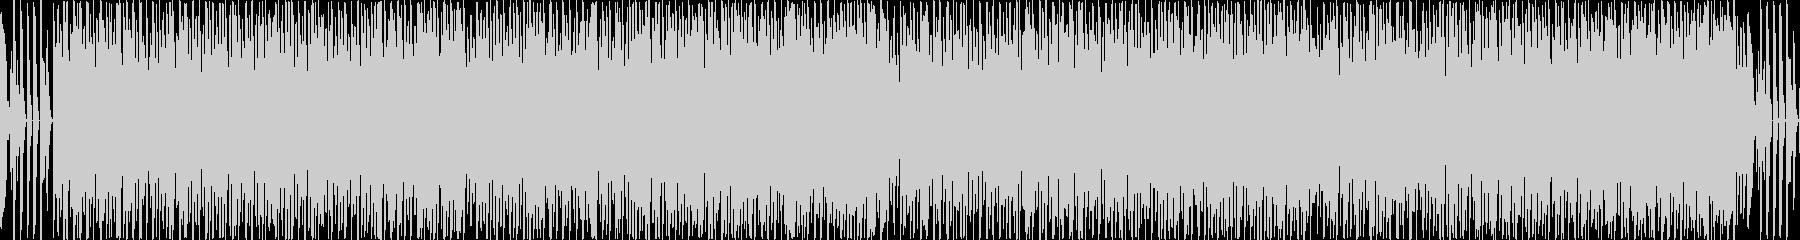 映像のBGMに!壮大な雰囲気のエレクトロの未再生の波形